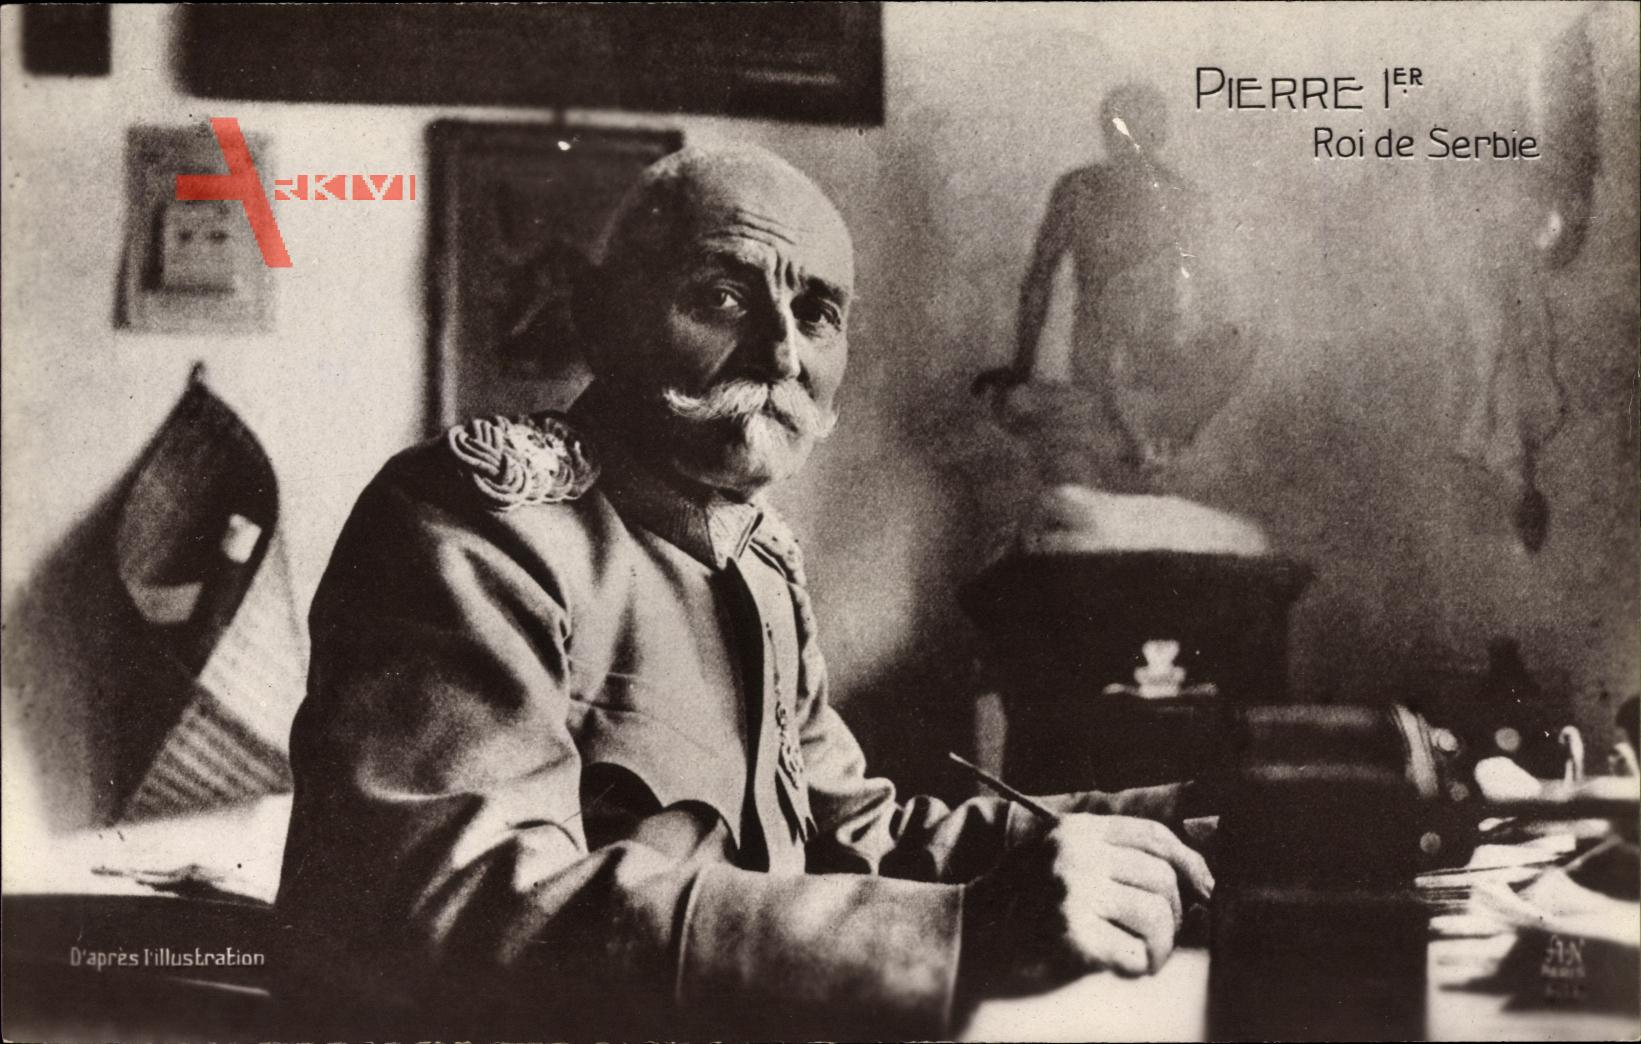 Peter I. Karadjordjevic, König von Serbien, Portrait am Schreibtisch, I. WK